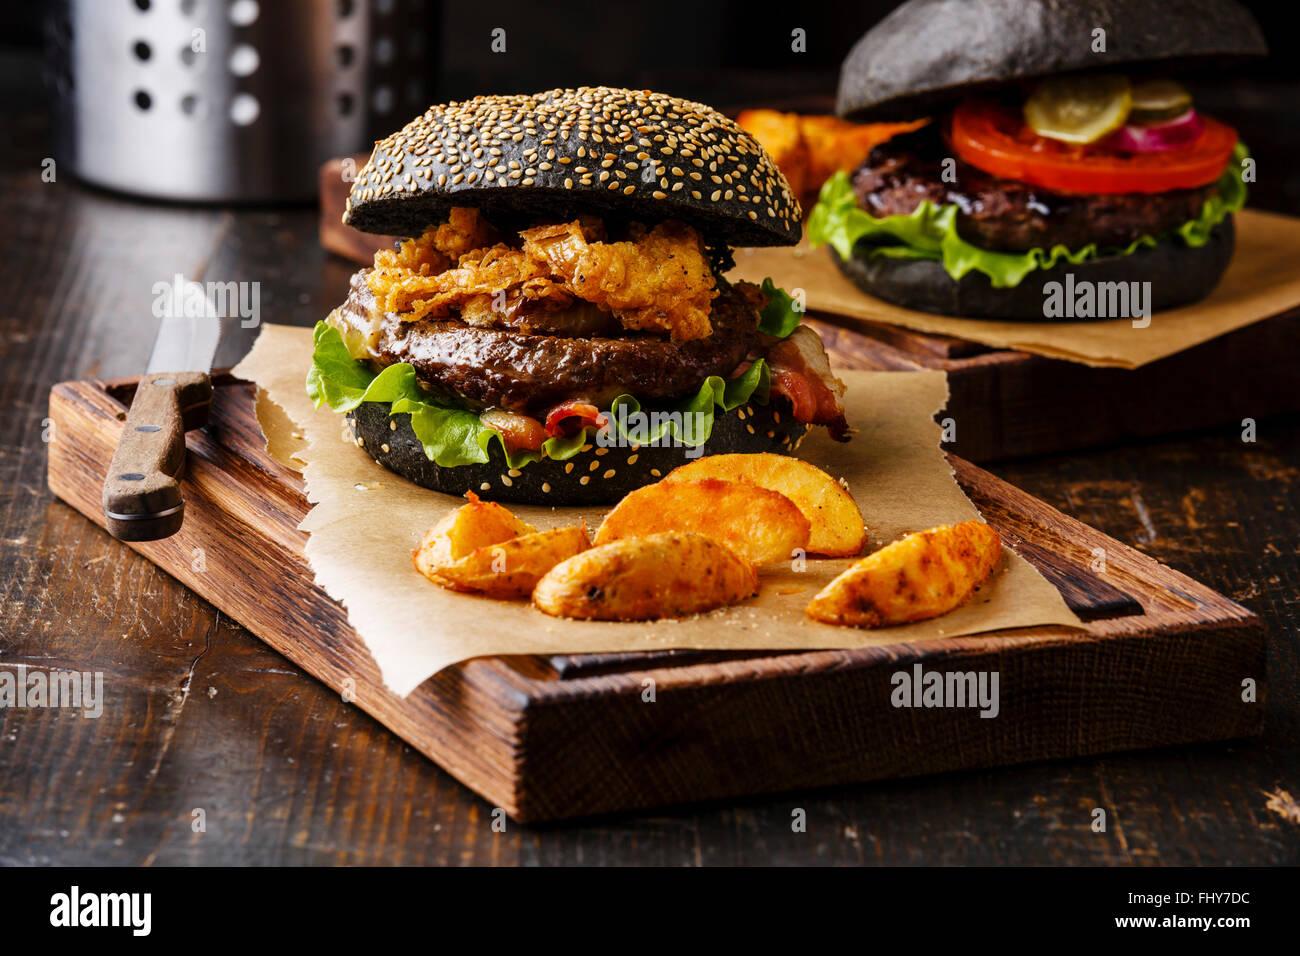 Schwarzen Burger mit Sesam Samen Brötchen Fleisch Speck Zwiebeln Pommes frites, Ringe und Kartoffelspalten Stockbild